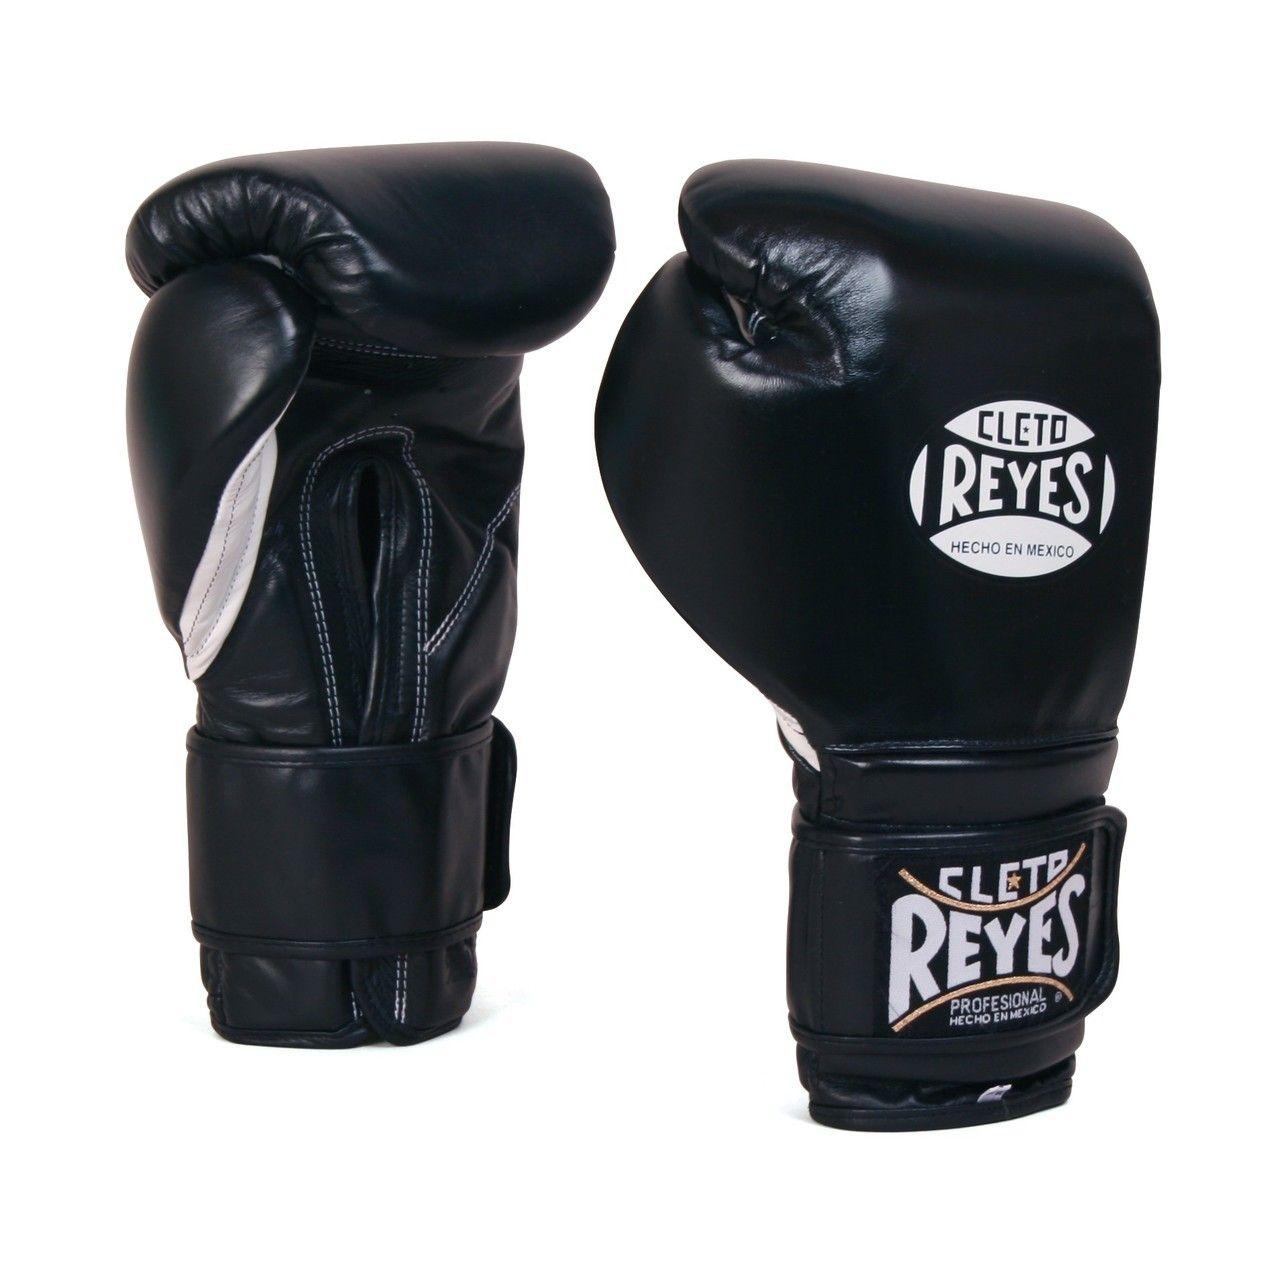 Cleto Reyes Hook and Loop Training Gloves (Black)